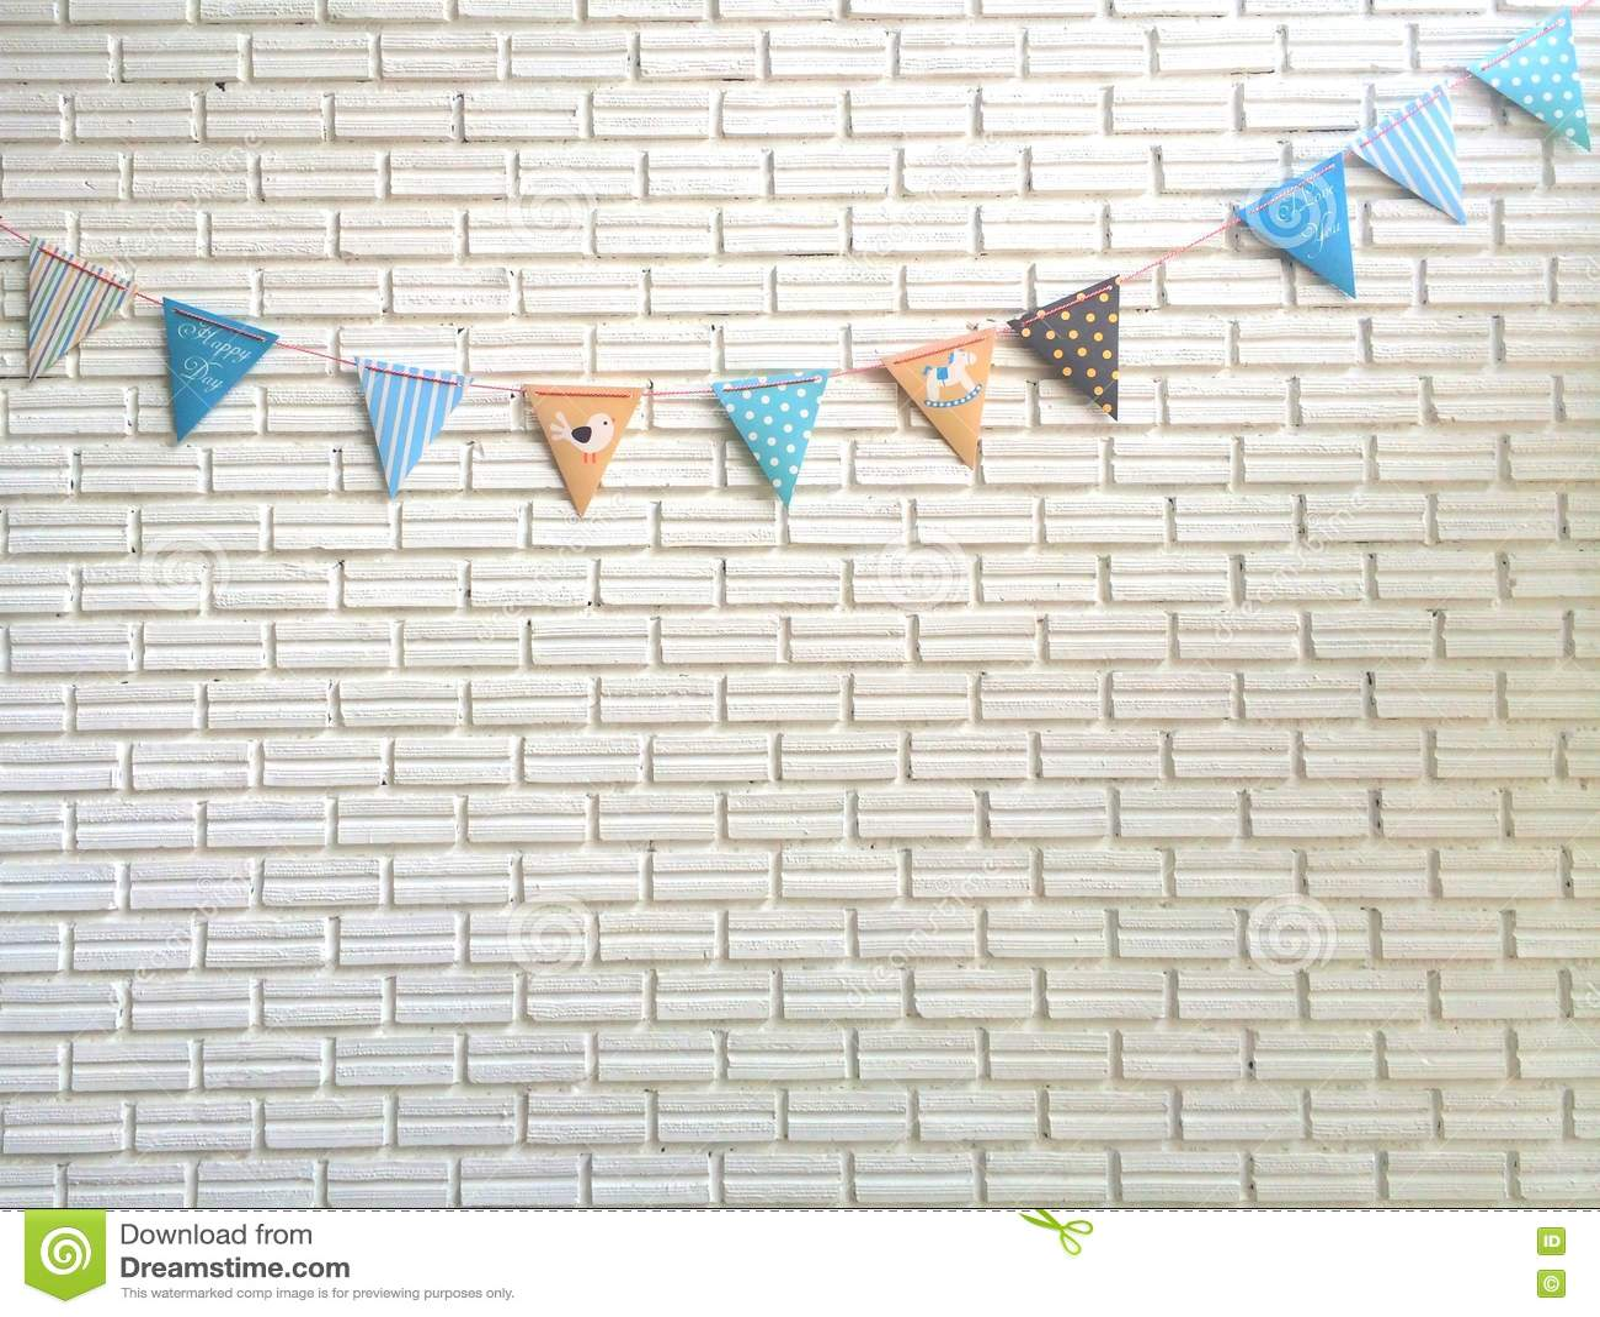 Strisce Della Bandiera Di Colore Pastello Del Partito Immagine Stock ... e3555106f8e1